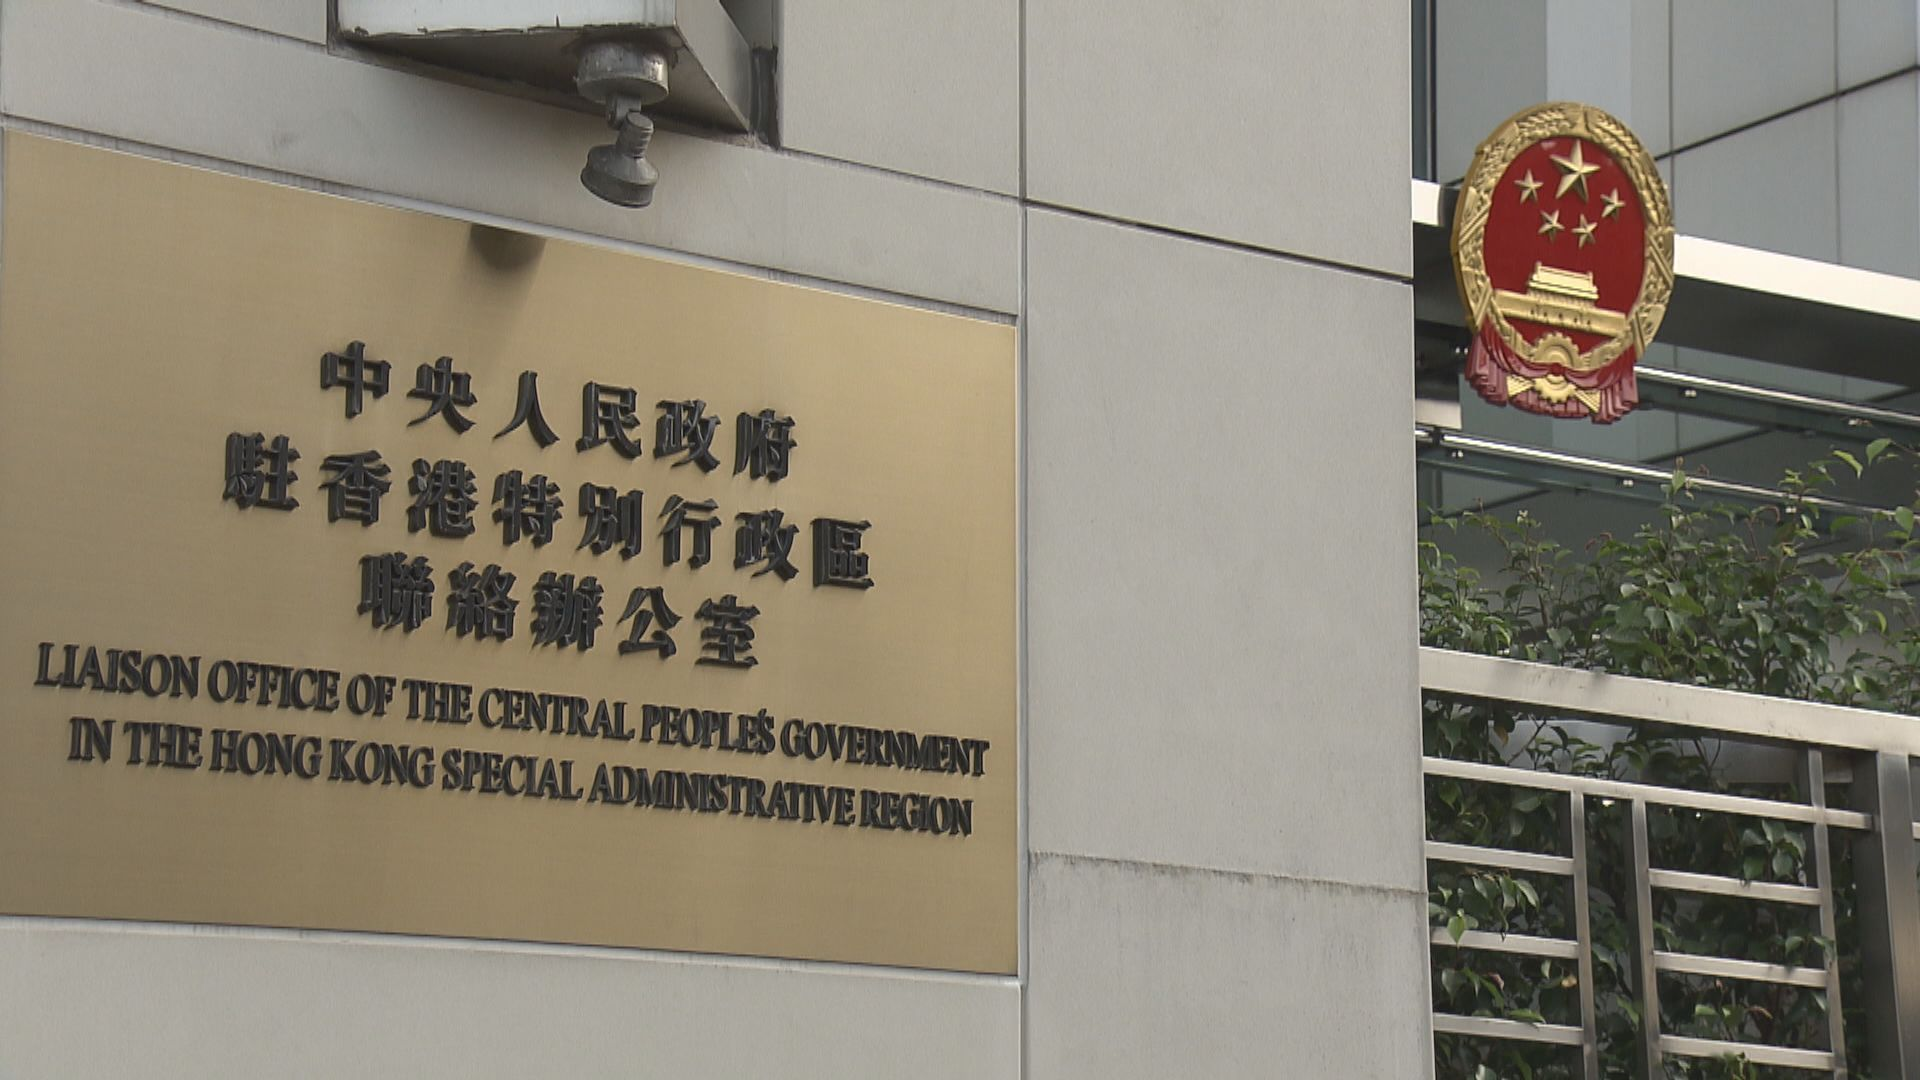 中聯辦堅決支持選舉主任作提名無效的決定